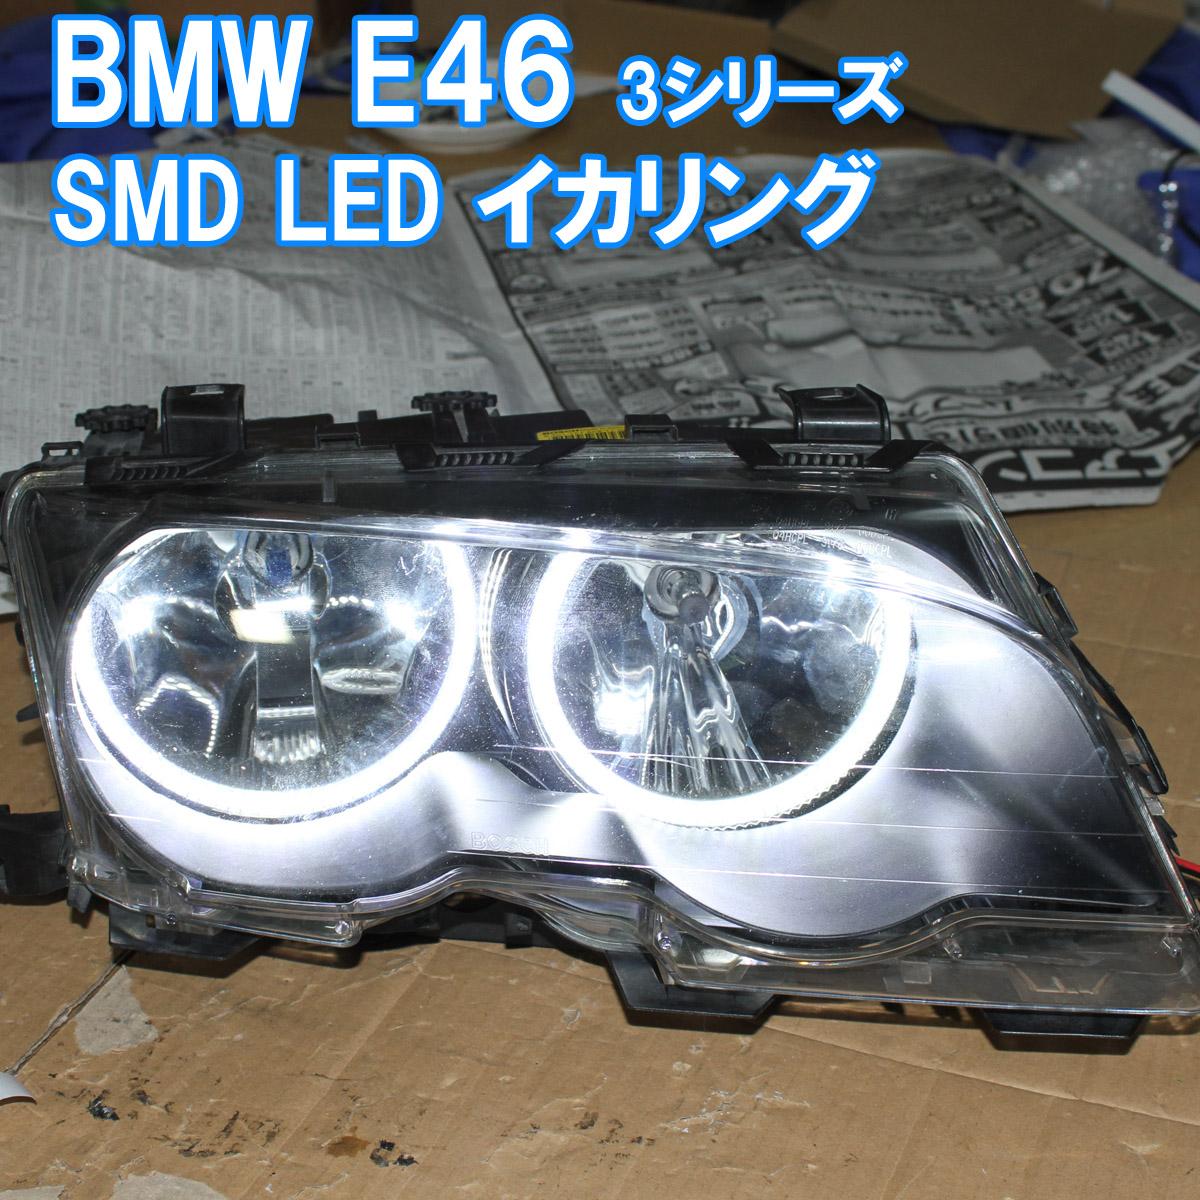 ★BMW E46 3シリーズ用 SMD LED イカリング エンジェルアイ これまでで最も明るいです。キセノン ハロゲン HID 前期 後期 デイライト アイライン